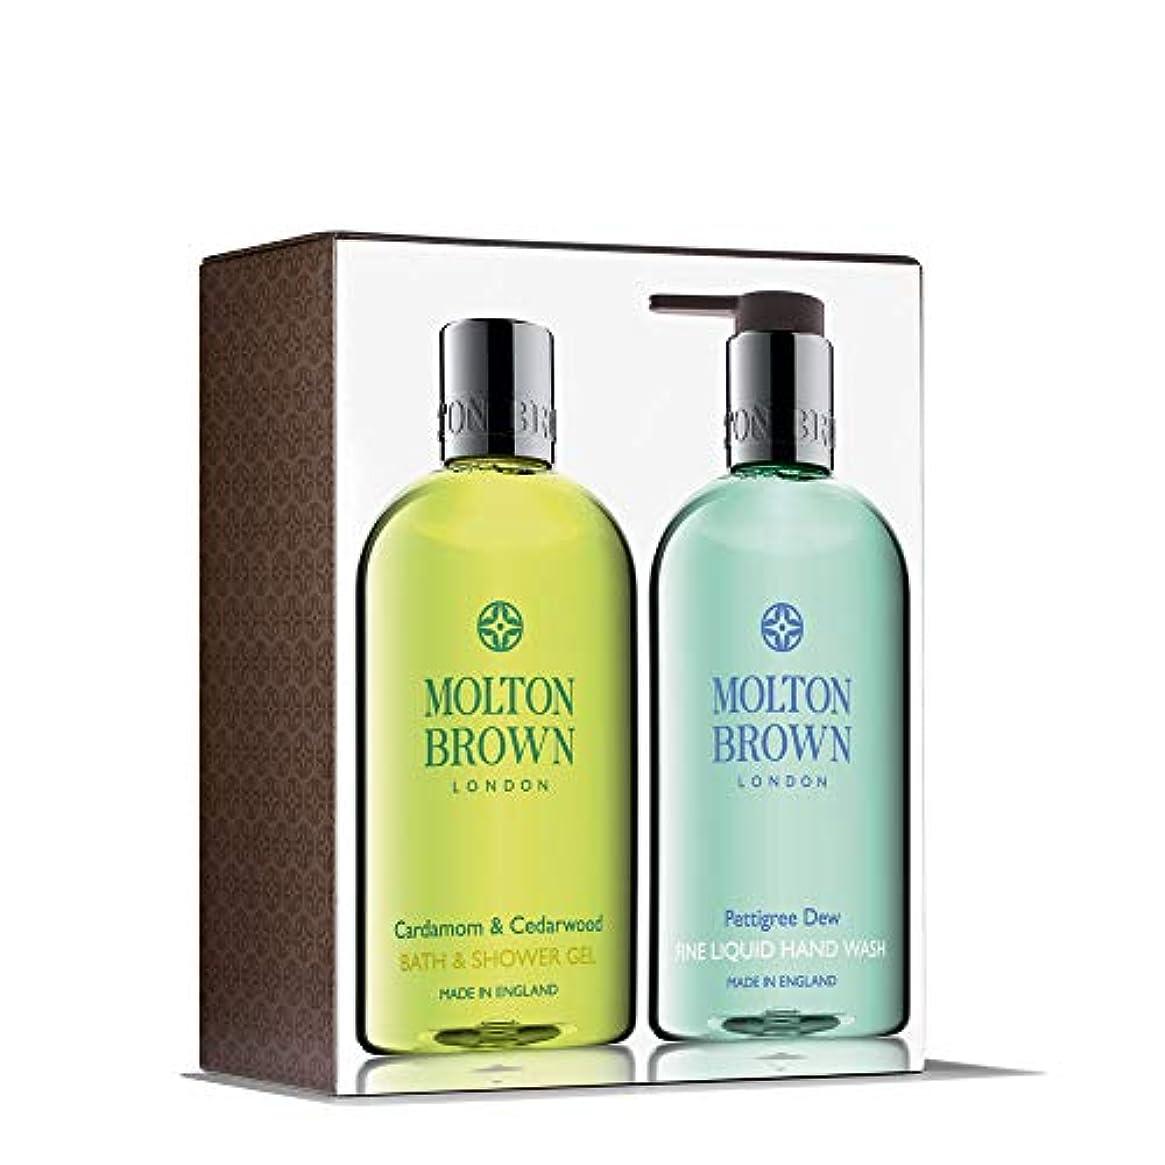 ブレス軽減高いMOLTON BROWN(モルトンブラウン)カルダモン&シダーウッド アンド ペティグリーデュウ ハンド&ボディセットその他セット